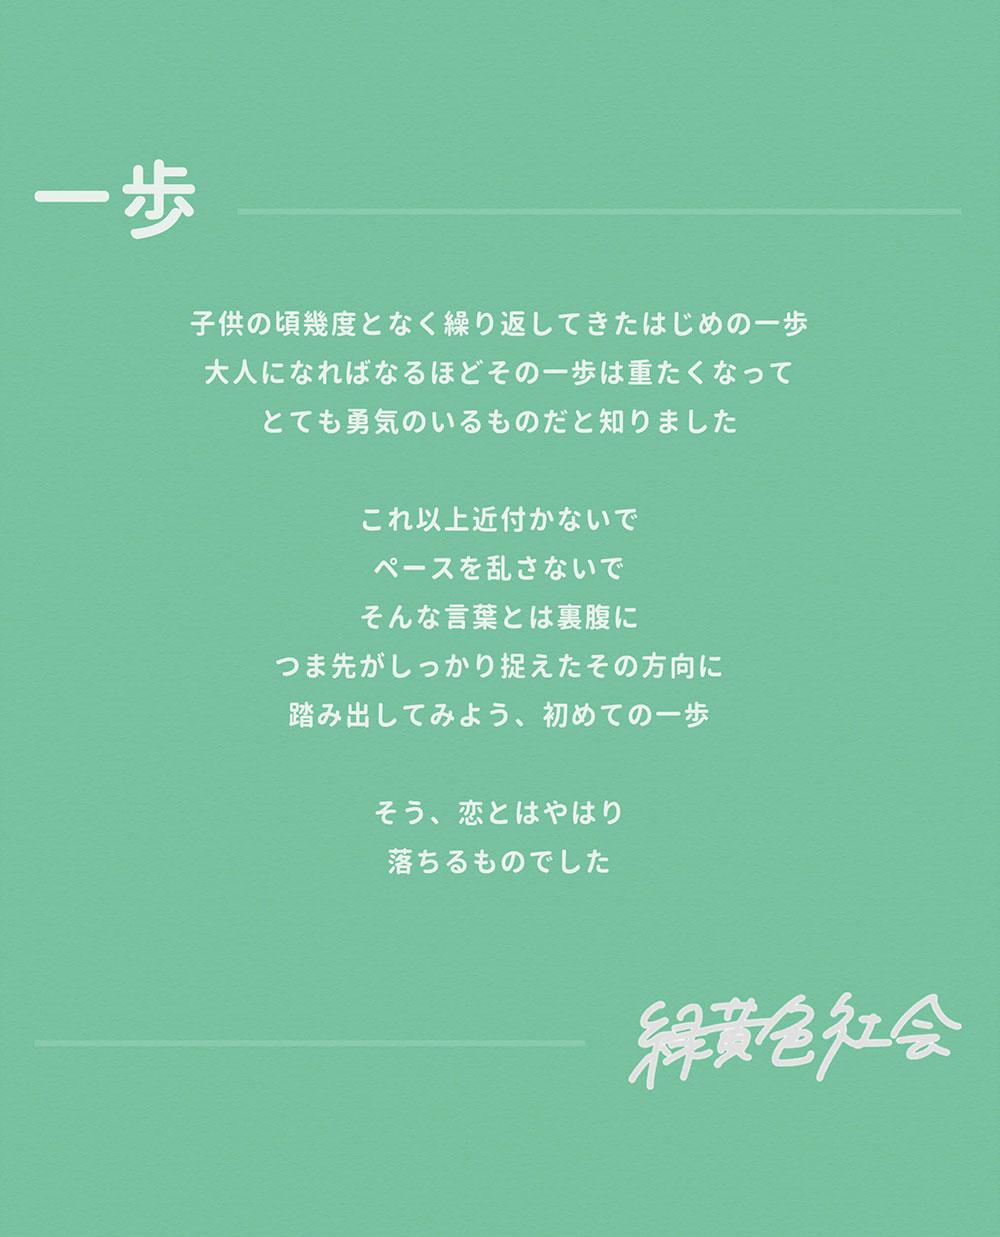 社会 mela 緑 黄 緑